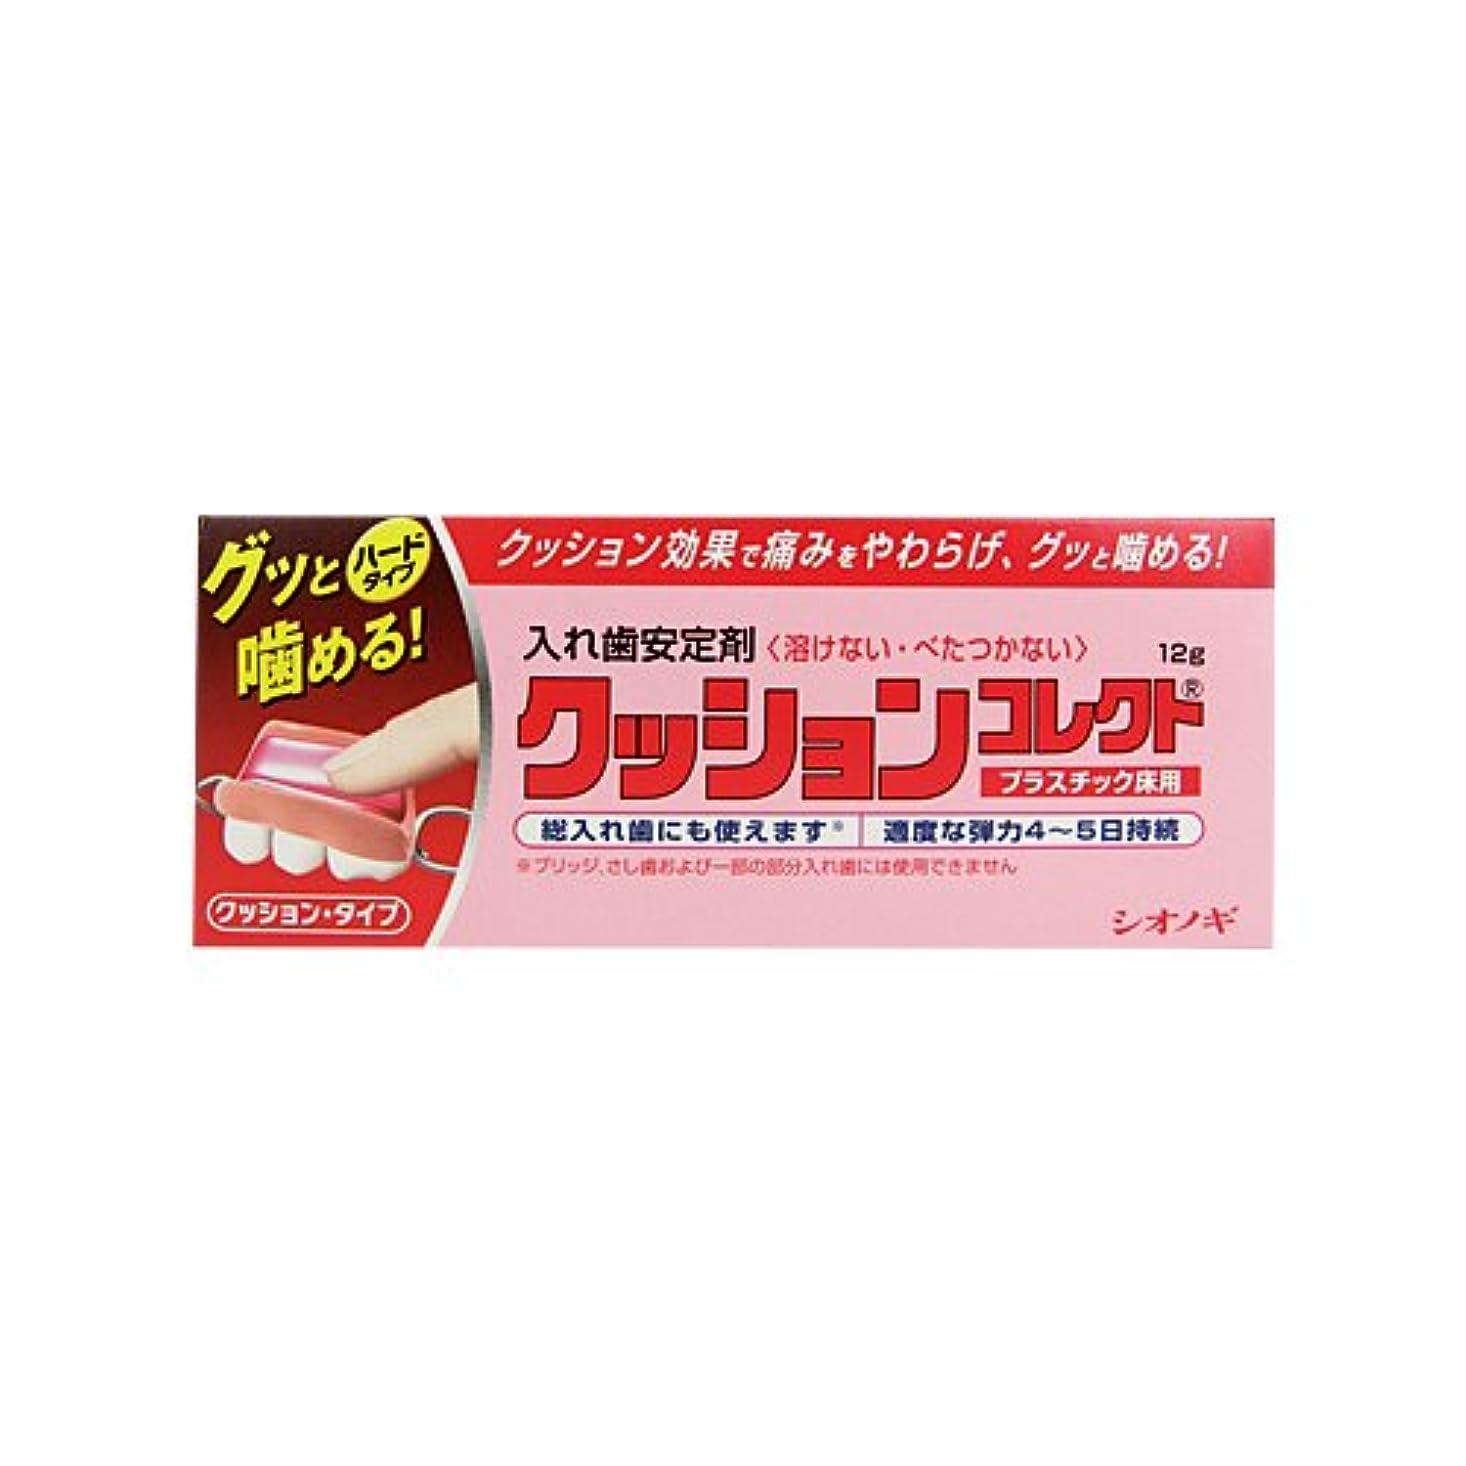 挑発する偶然の発明するシオノギ製薬 クッションコレクト クッションタイプ 12g